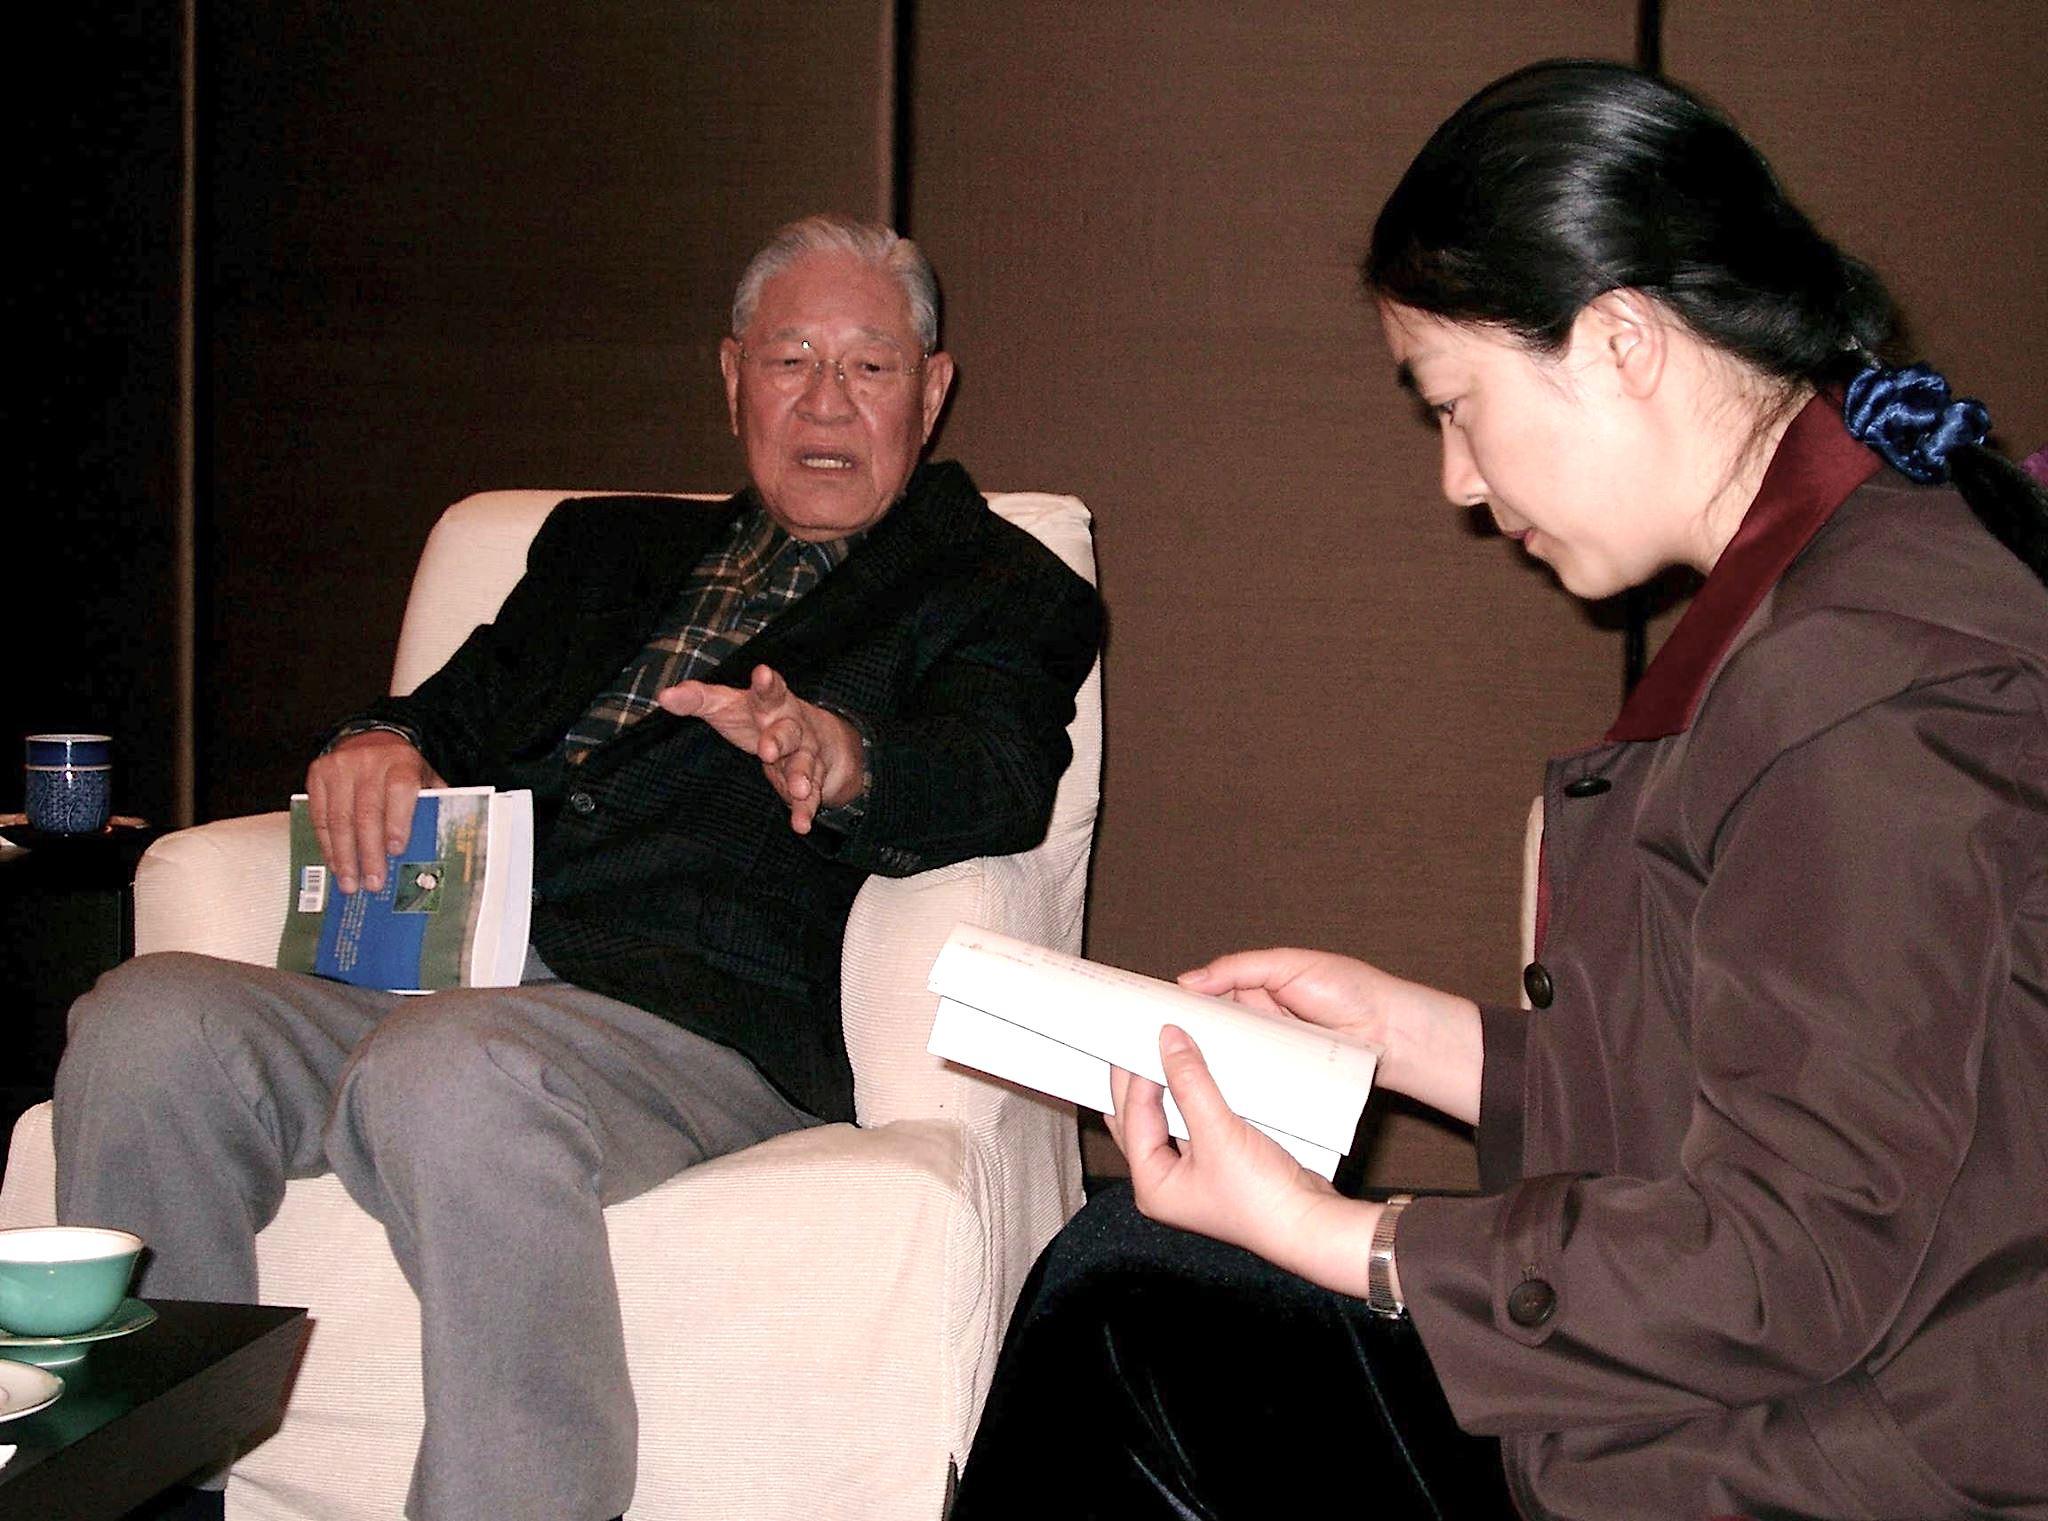 曾錚2004年1月在臺灣臺北發表新書《靜水流深》期間,拜會前總統李登輝。李登輝手持一本《靜水流深》與曾錚交談。交談中李登輝曾問:「我能为法輪功做点什么?」